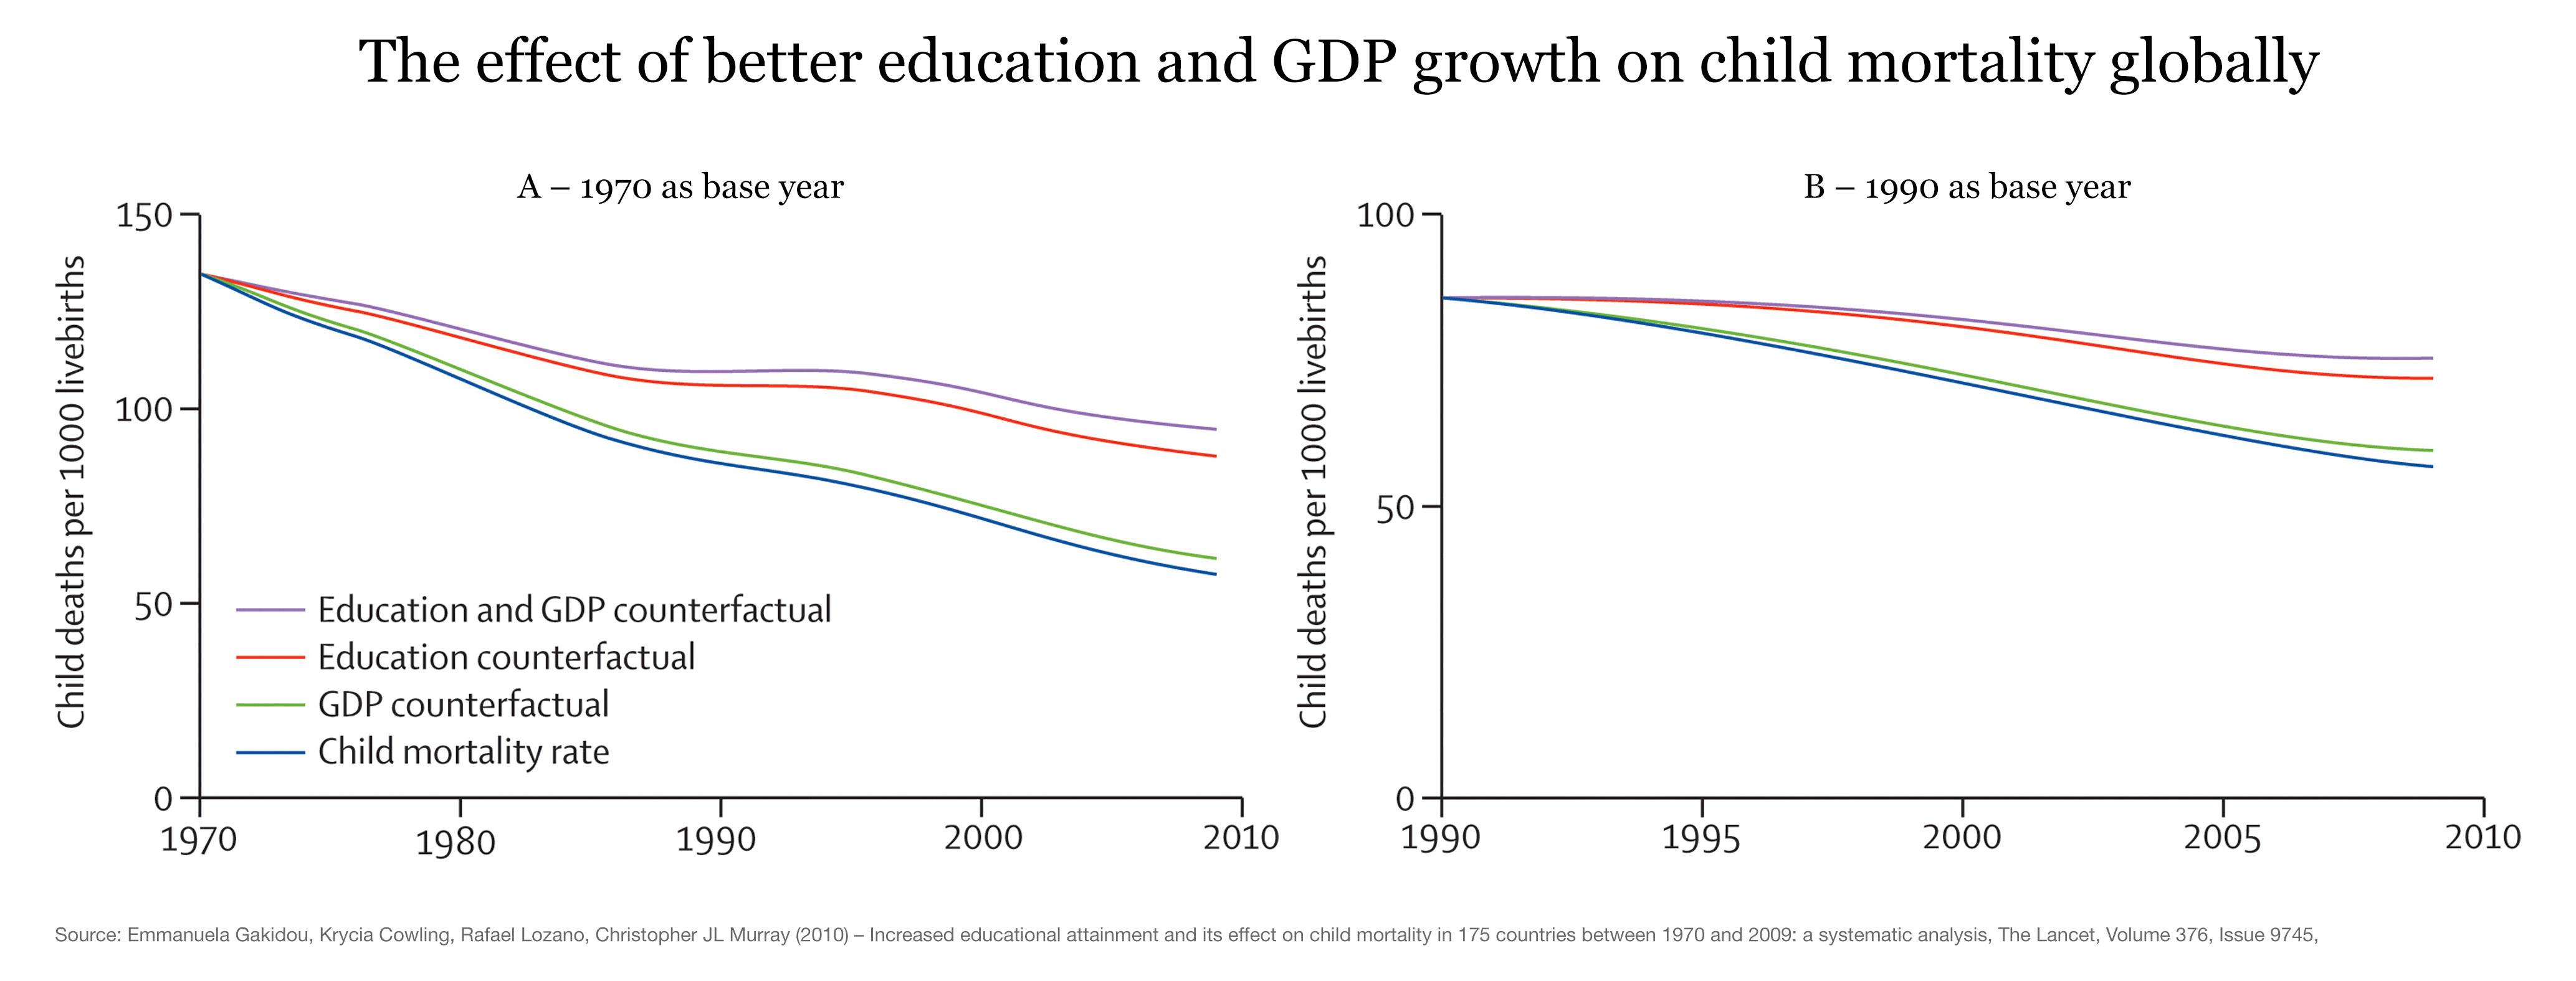 Mortalità infantile infantile: il nostro mondo nei dati-6362